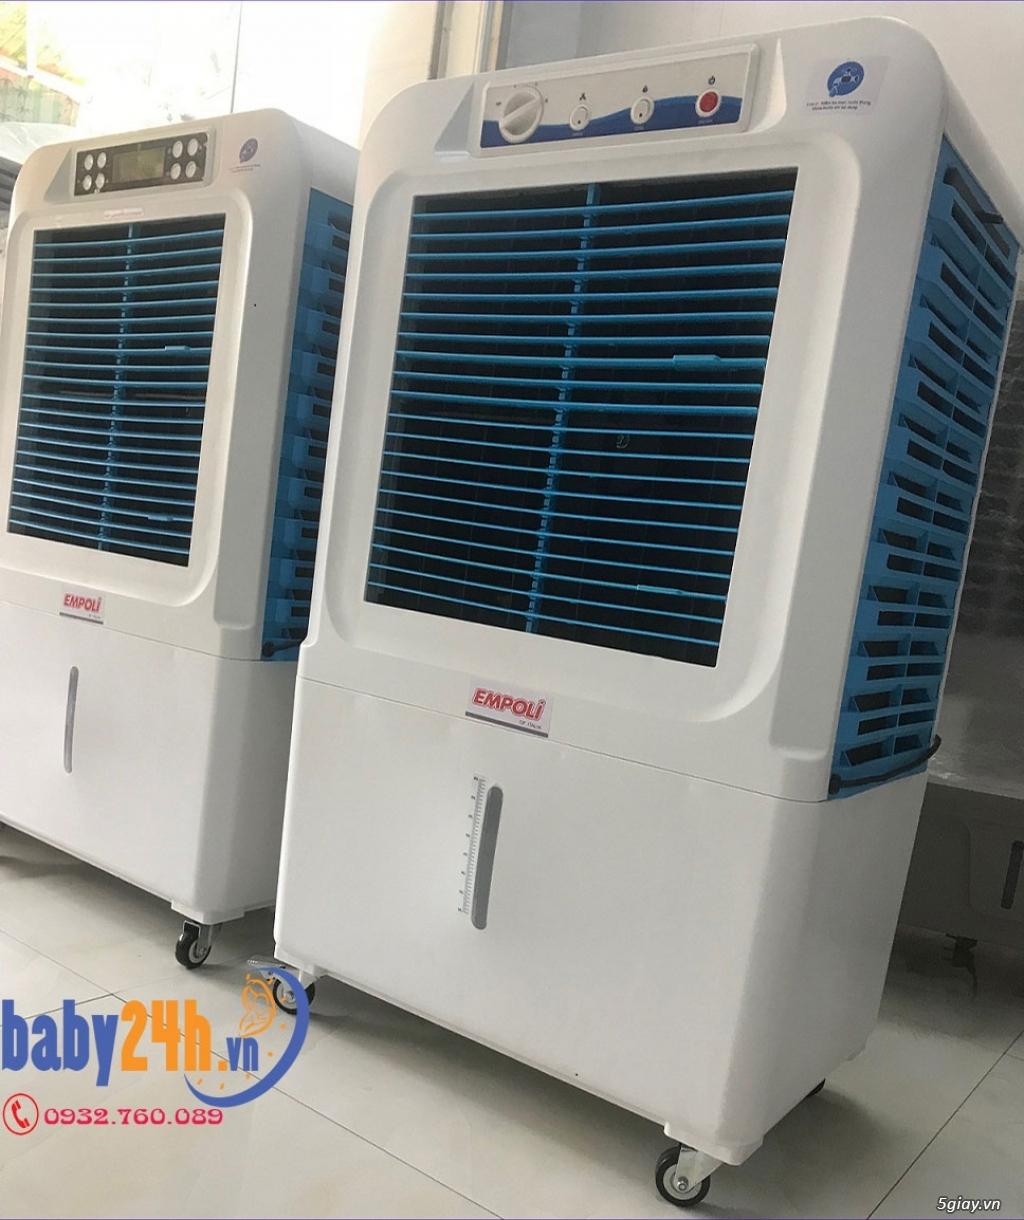 Máy quạt điều hoà làm mát Empoli EM-50R Inverter Giá rẻ chính hãng